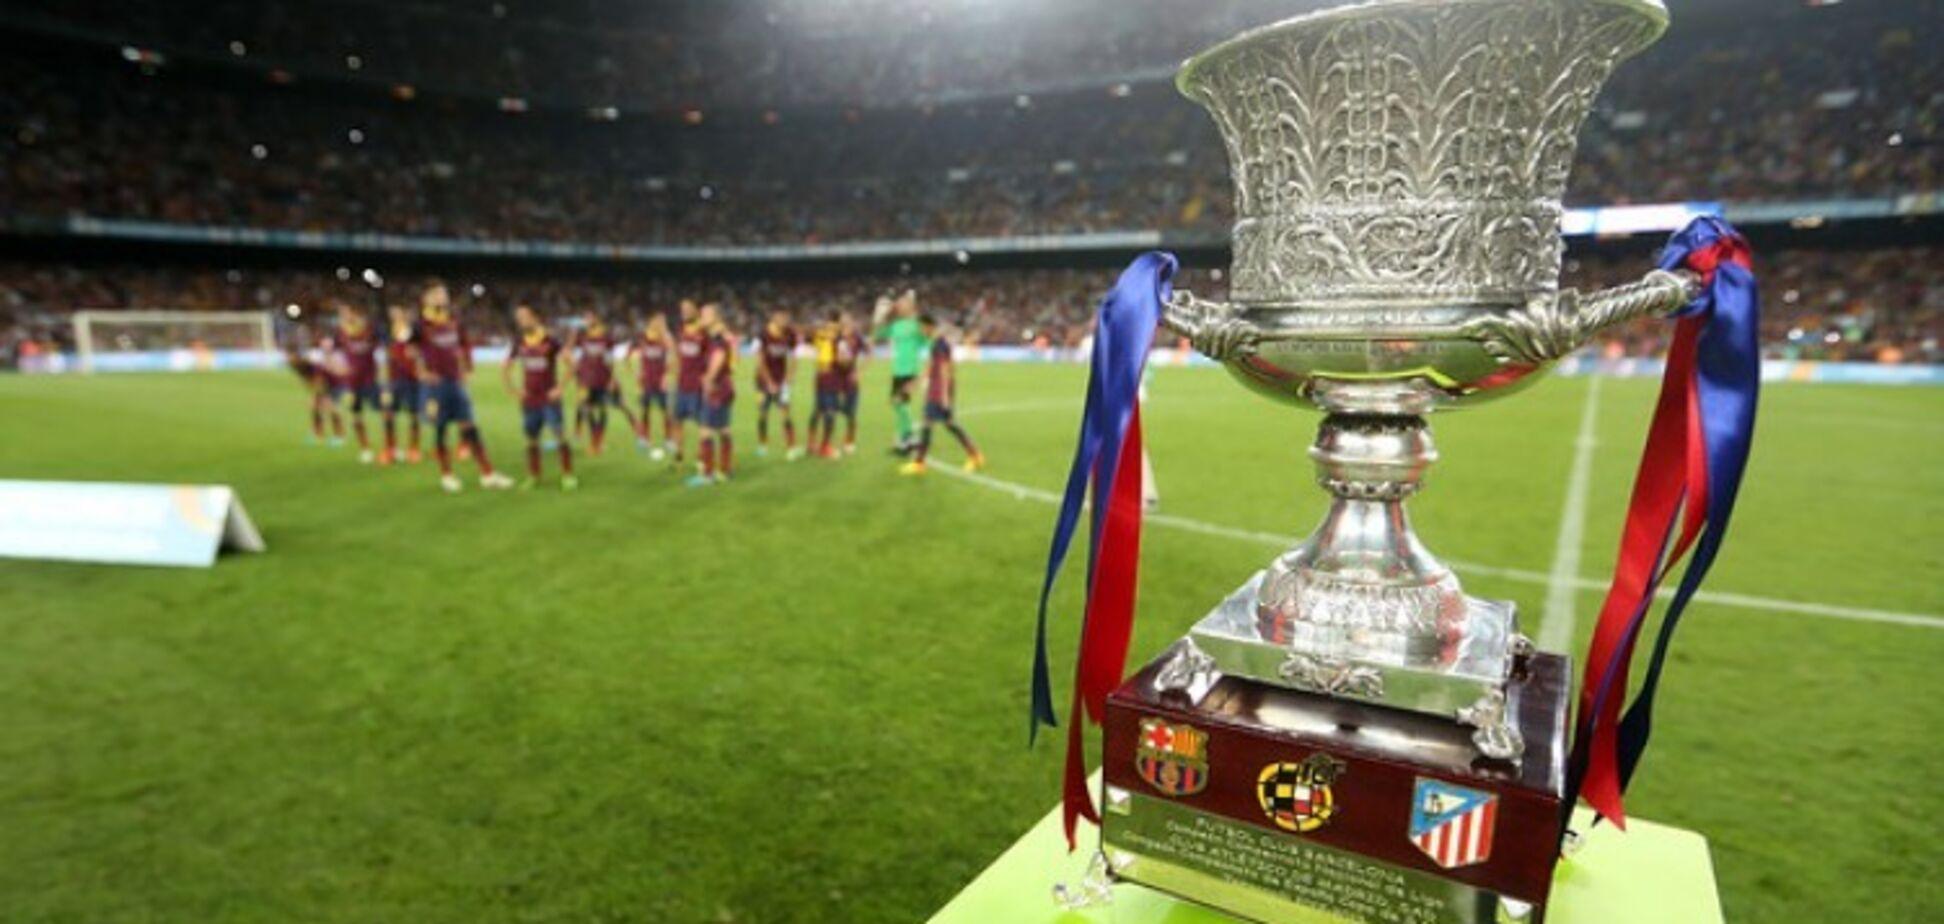 Де сьогодні дивитися Суперкубок Іспанії: розклад трансляцій